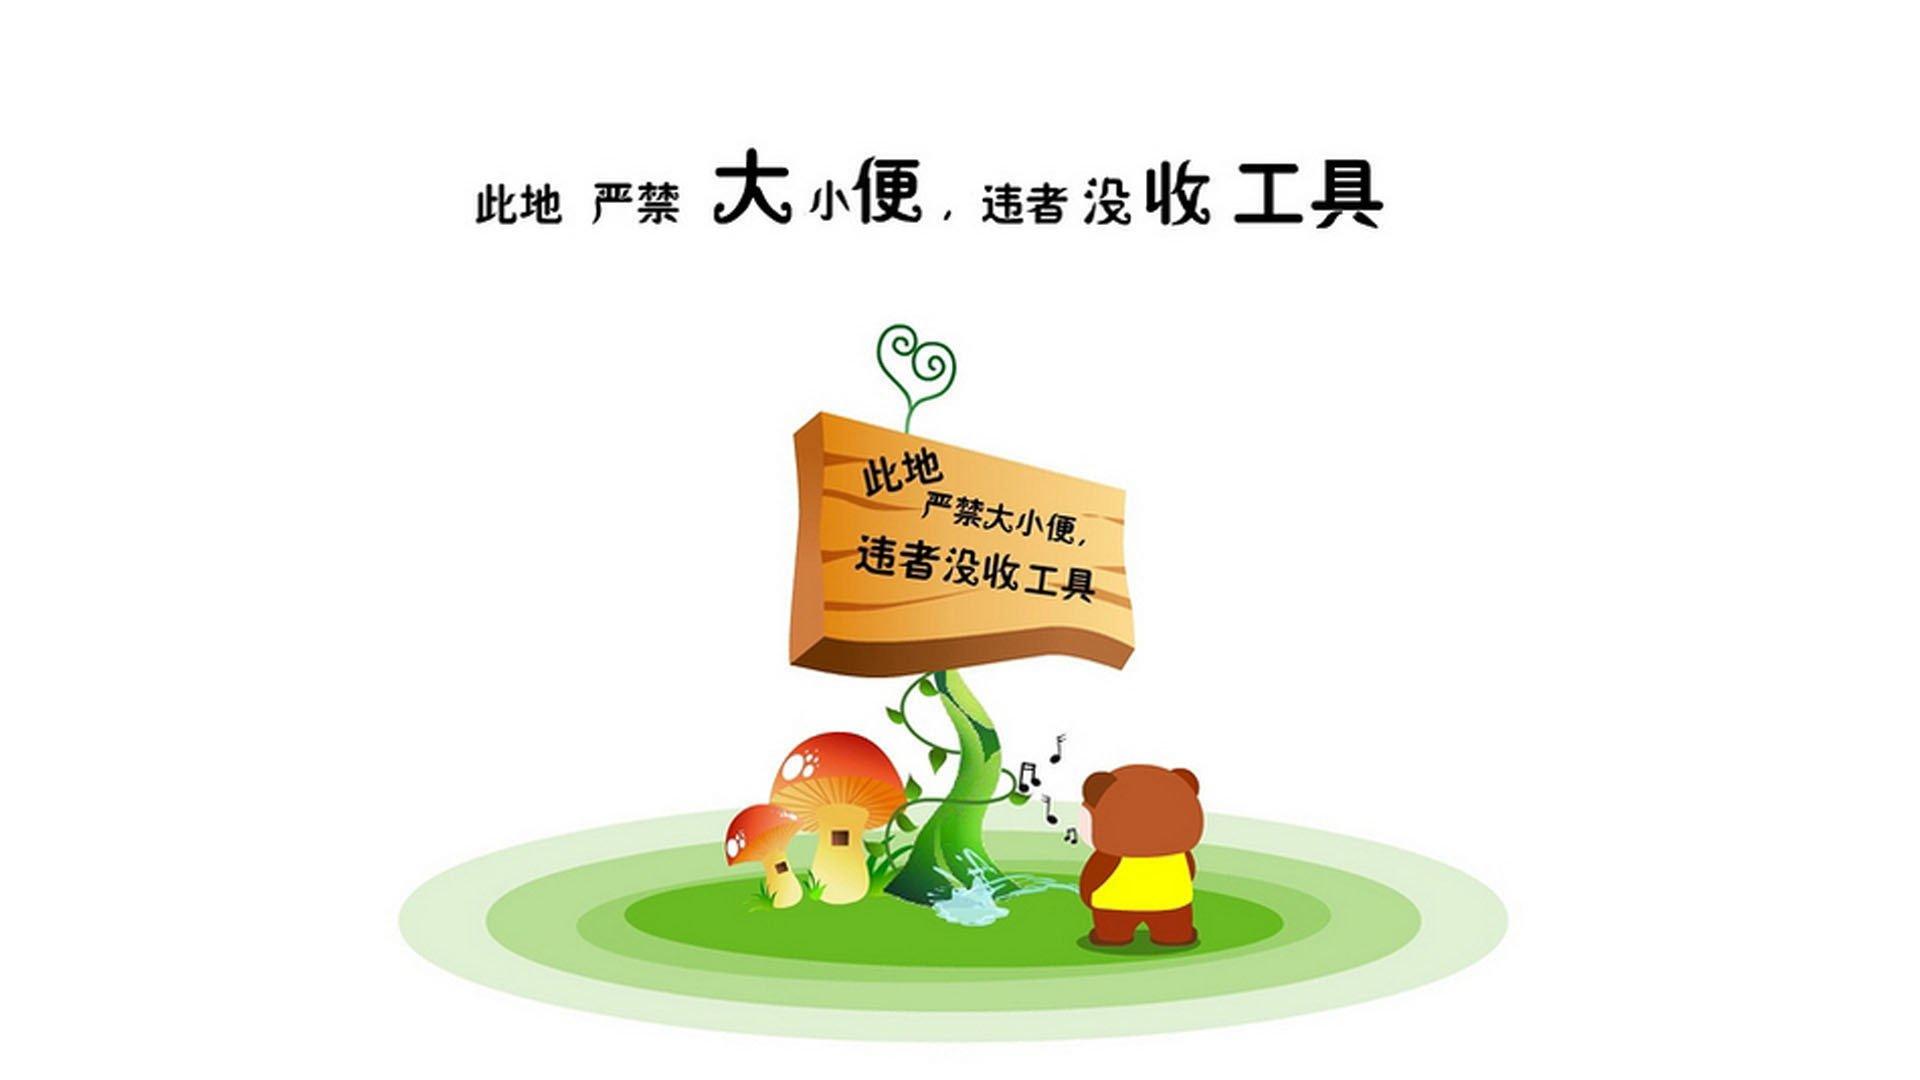 现实生活为中华诗词注入新活力